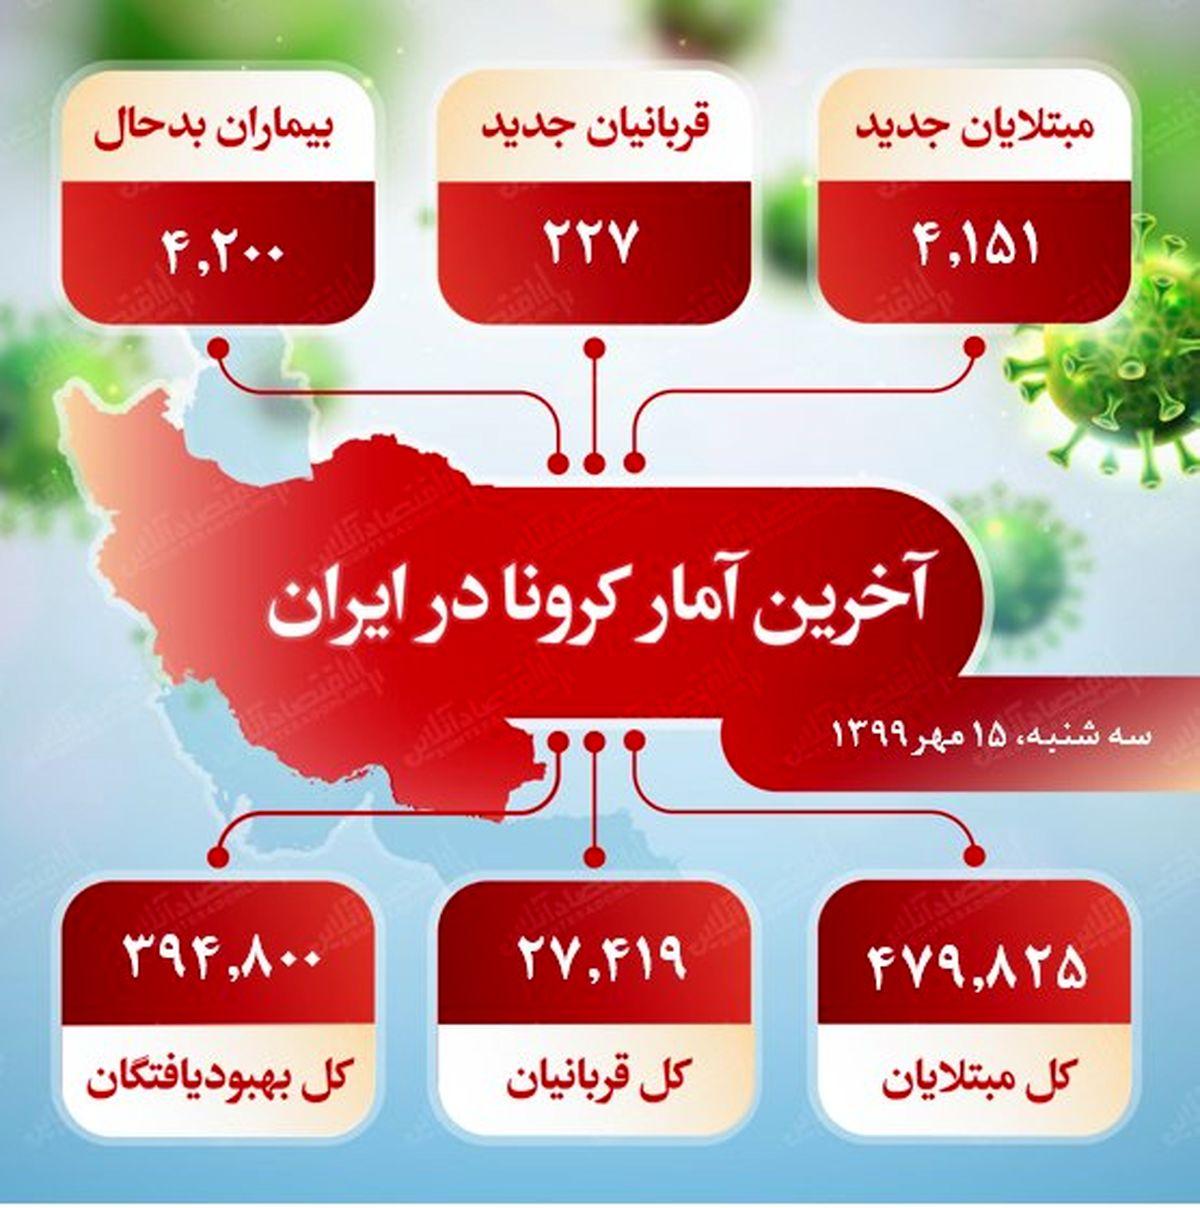 آخرین آمار کرونا در ایران (۱۳۹۹/۷/۱۵)